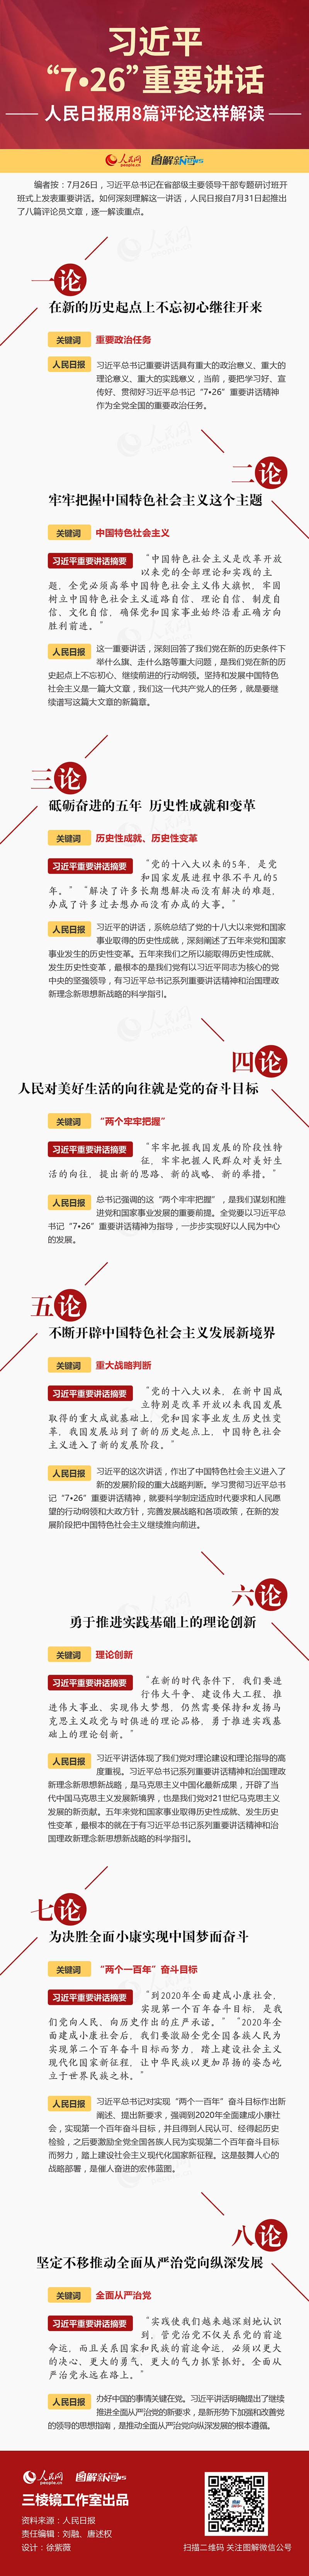 """图解:习近平""""7・26""""重要讲话,人民日报用8篇评论这样解读"""